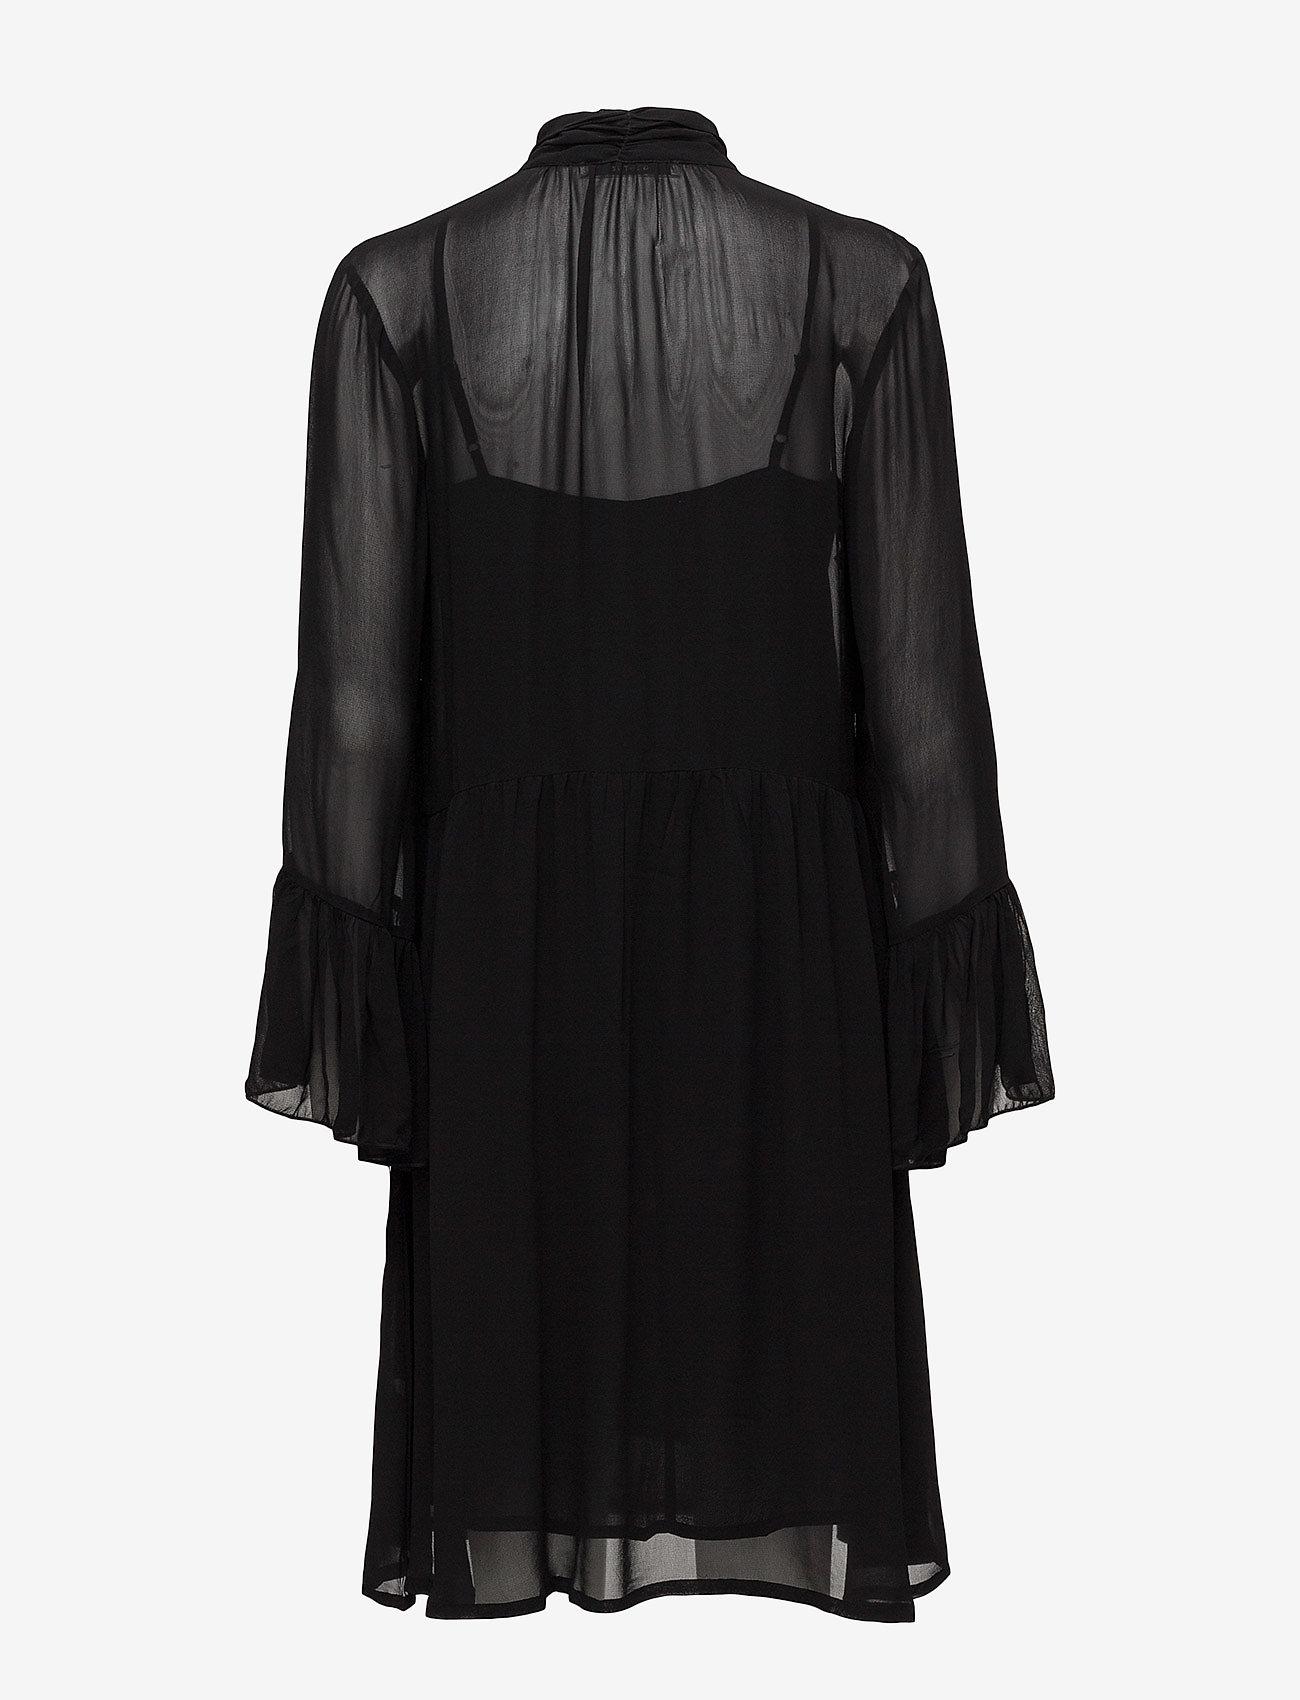 Baxtor Dress So18 (Black) - Gestuz 9odUZn